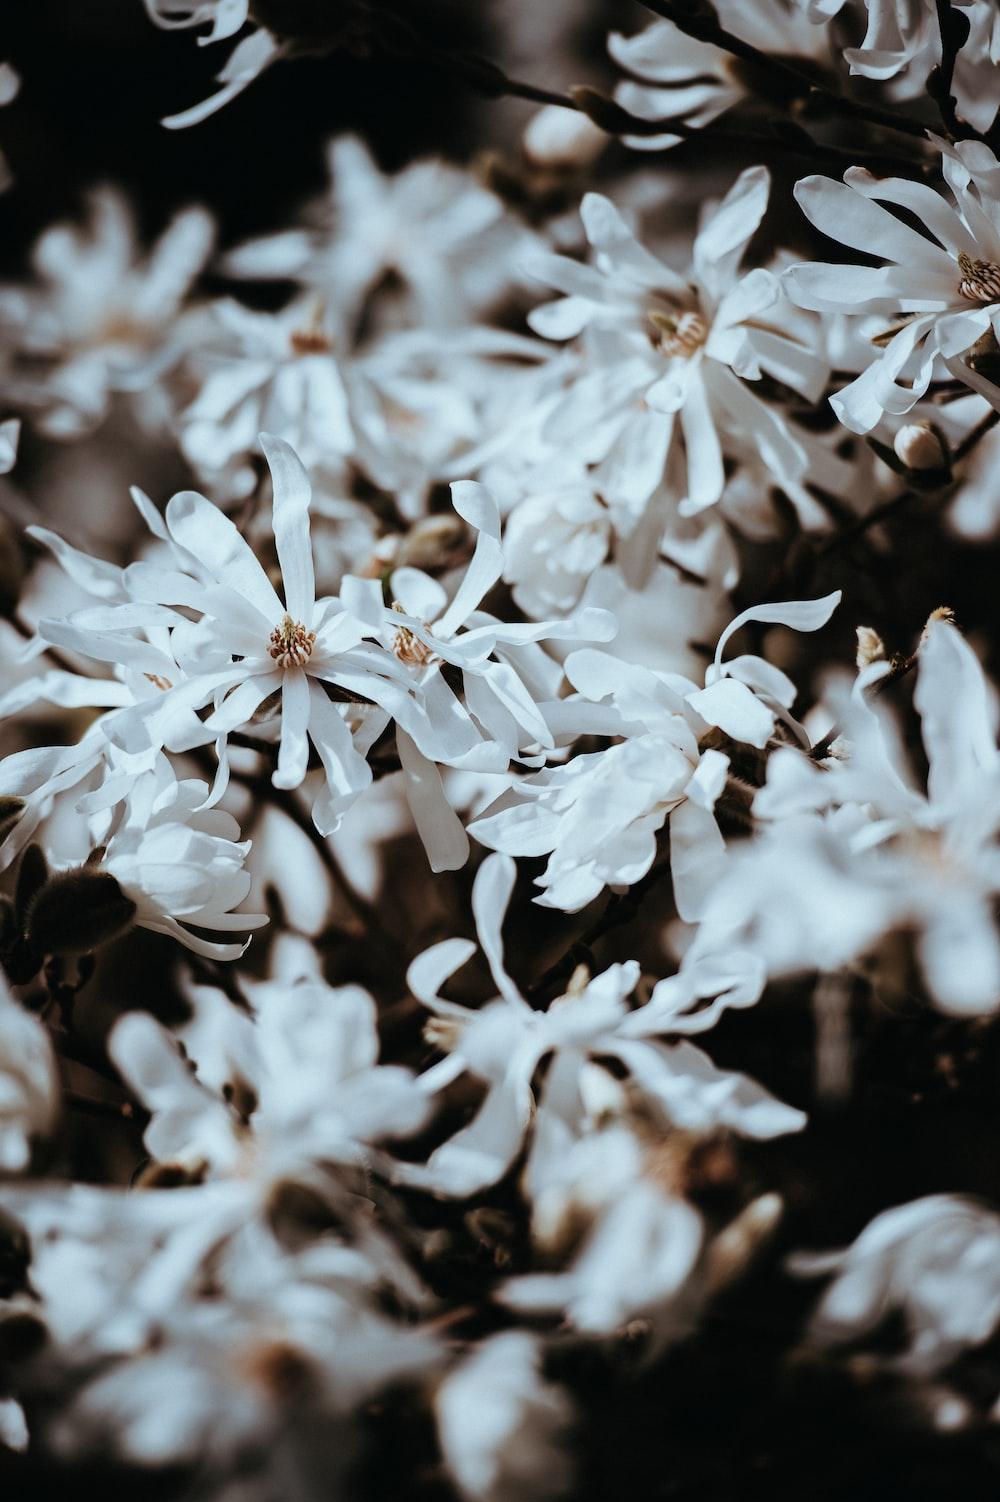 Long White Petals In Close Up Photo By Annie Spratt Anniespratt